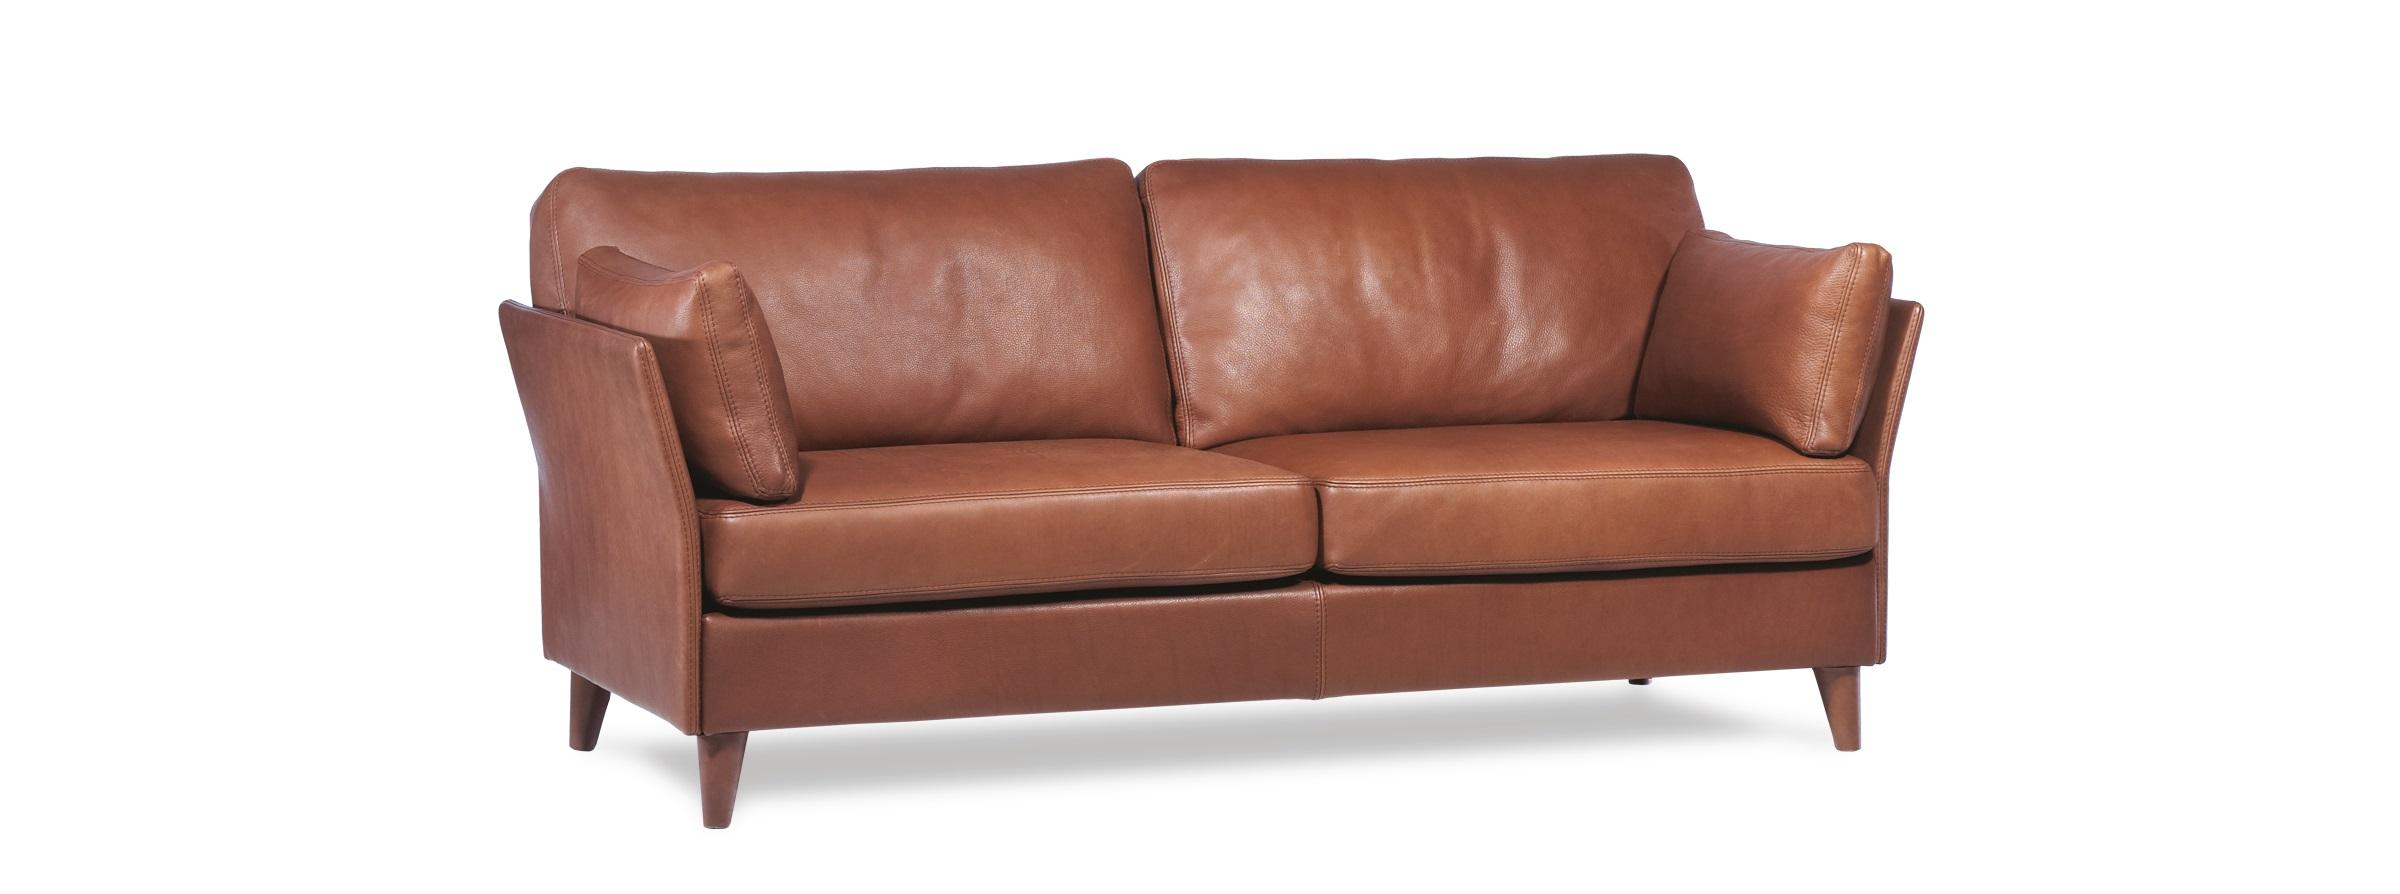 Neology-RIVOLI-canapé-cuir-pleine-fleur-aniline-made-in-france-petit-encombrement-personnalisable